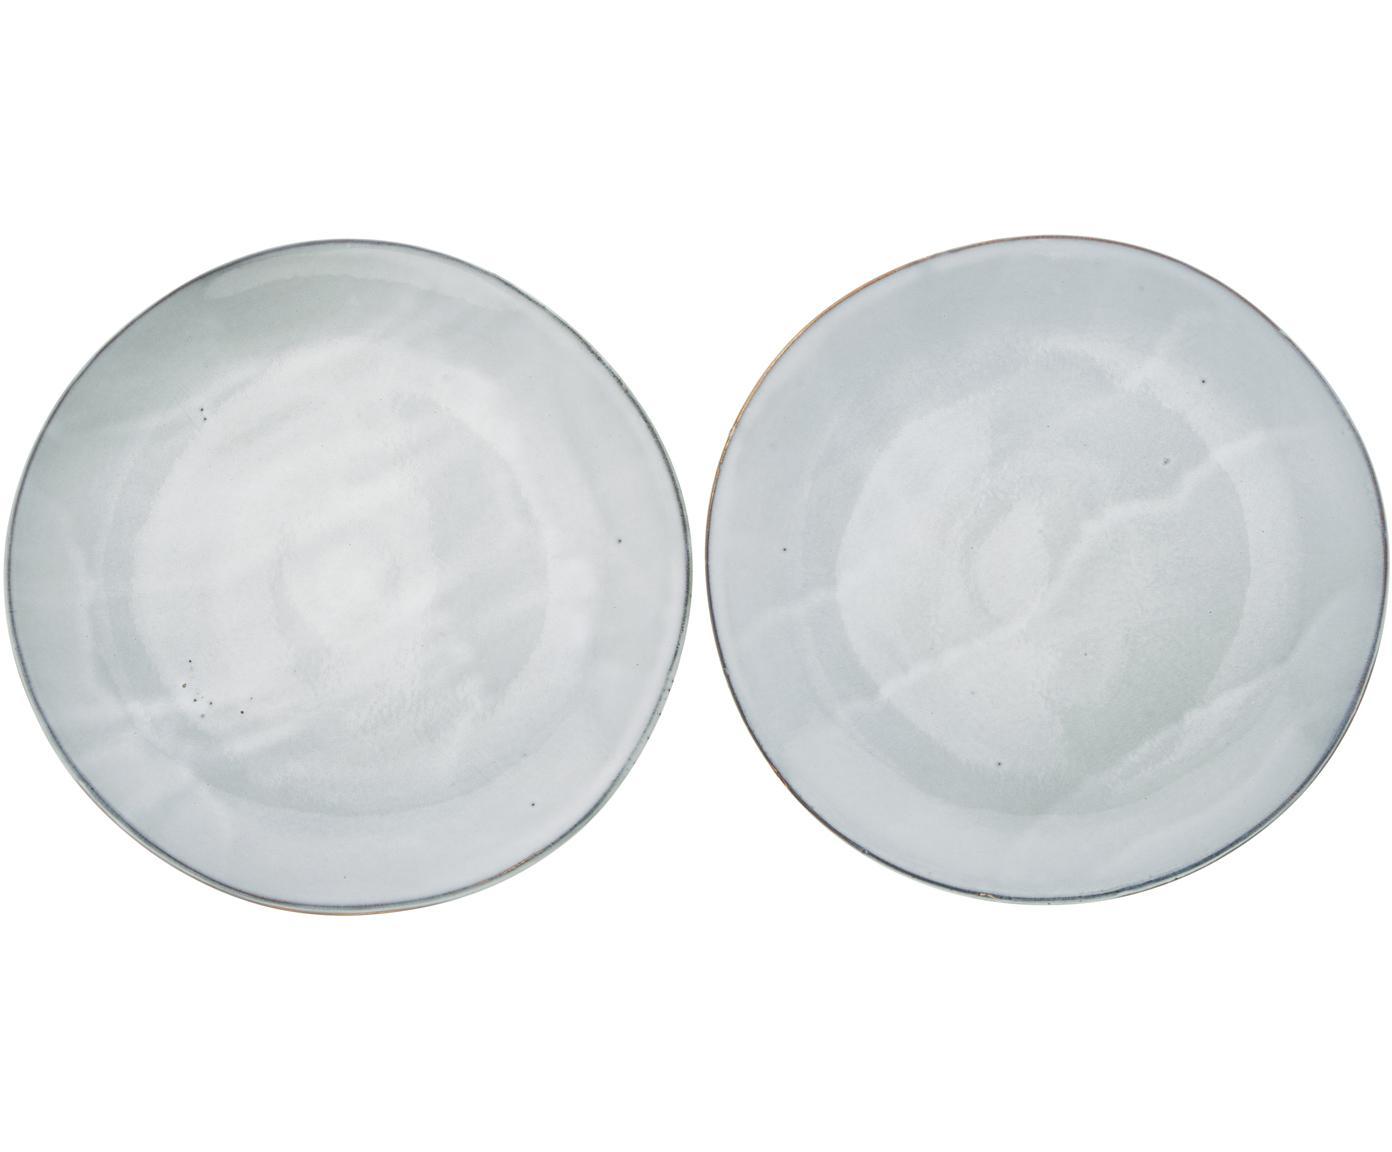 Platos llanos artesanales Thalia, 2uds., Cerámica, Gris con borde oscuro, Ø 27 cm